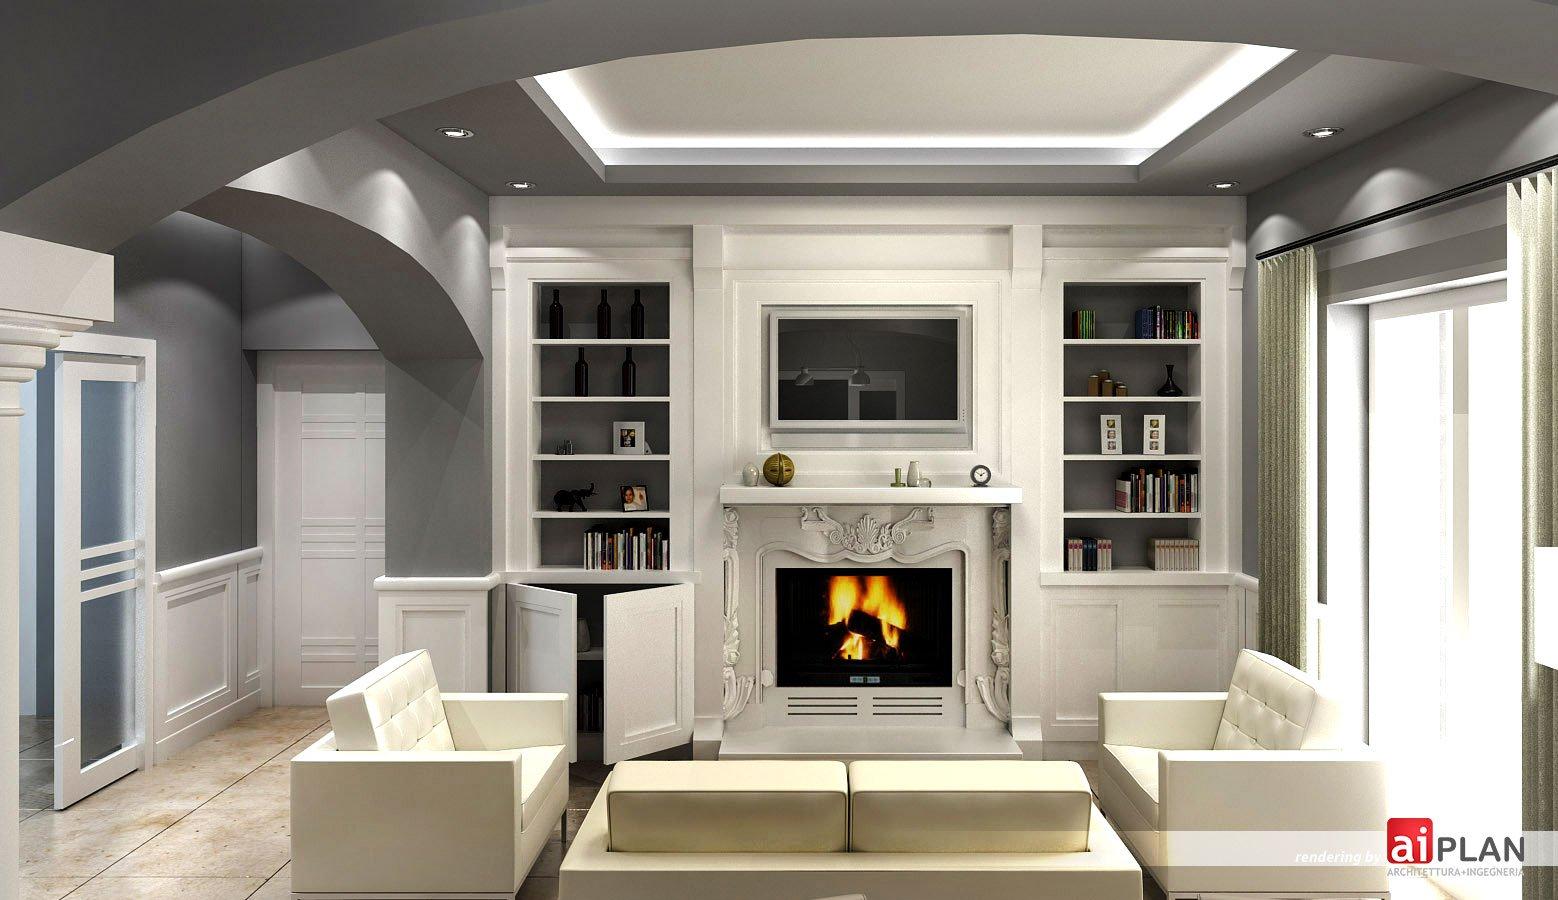 Rendering interni di residenze aiplan architettura e ingegneria - Parete attrezzata moderna con camino ...